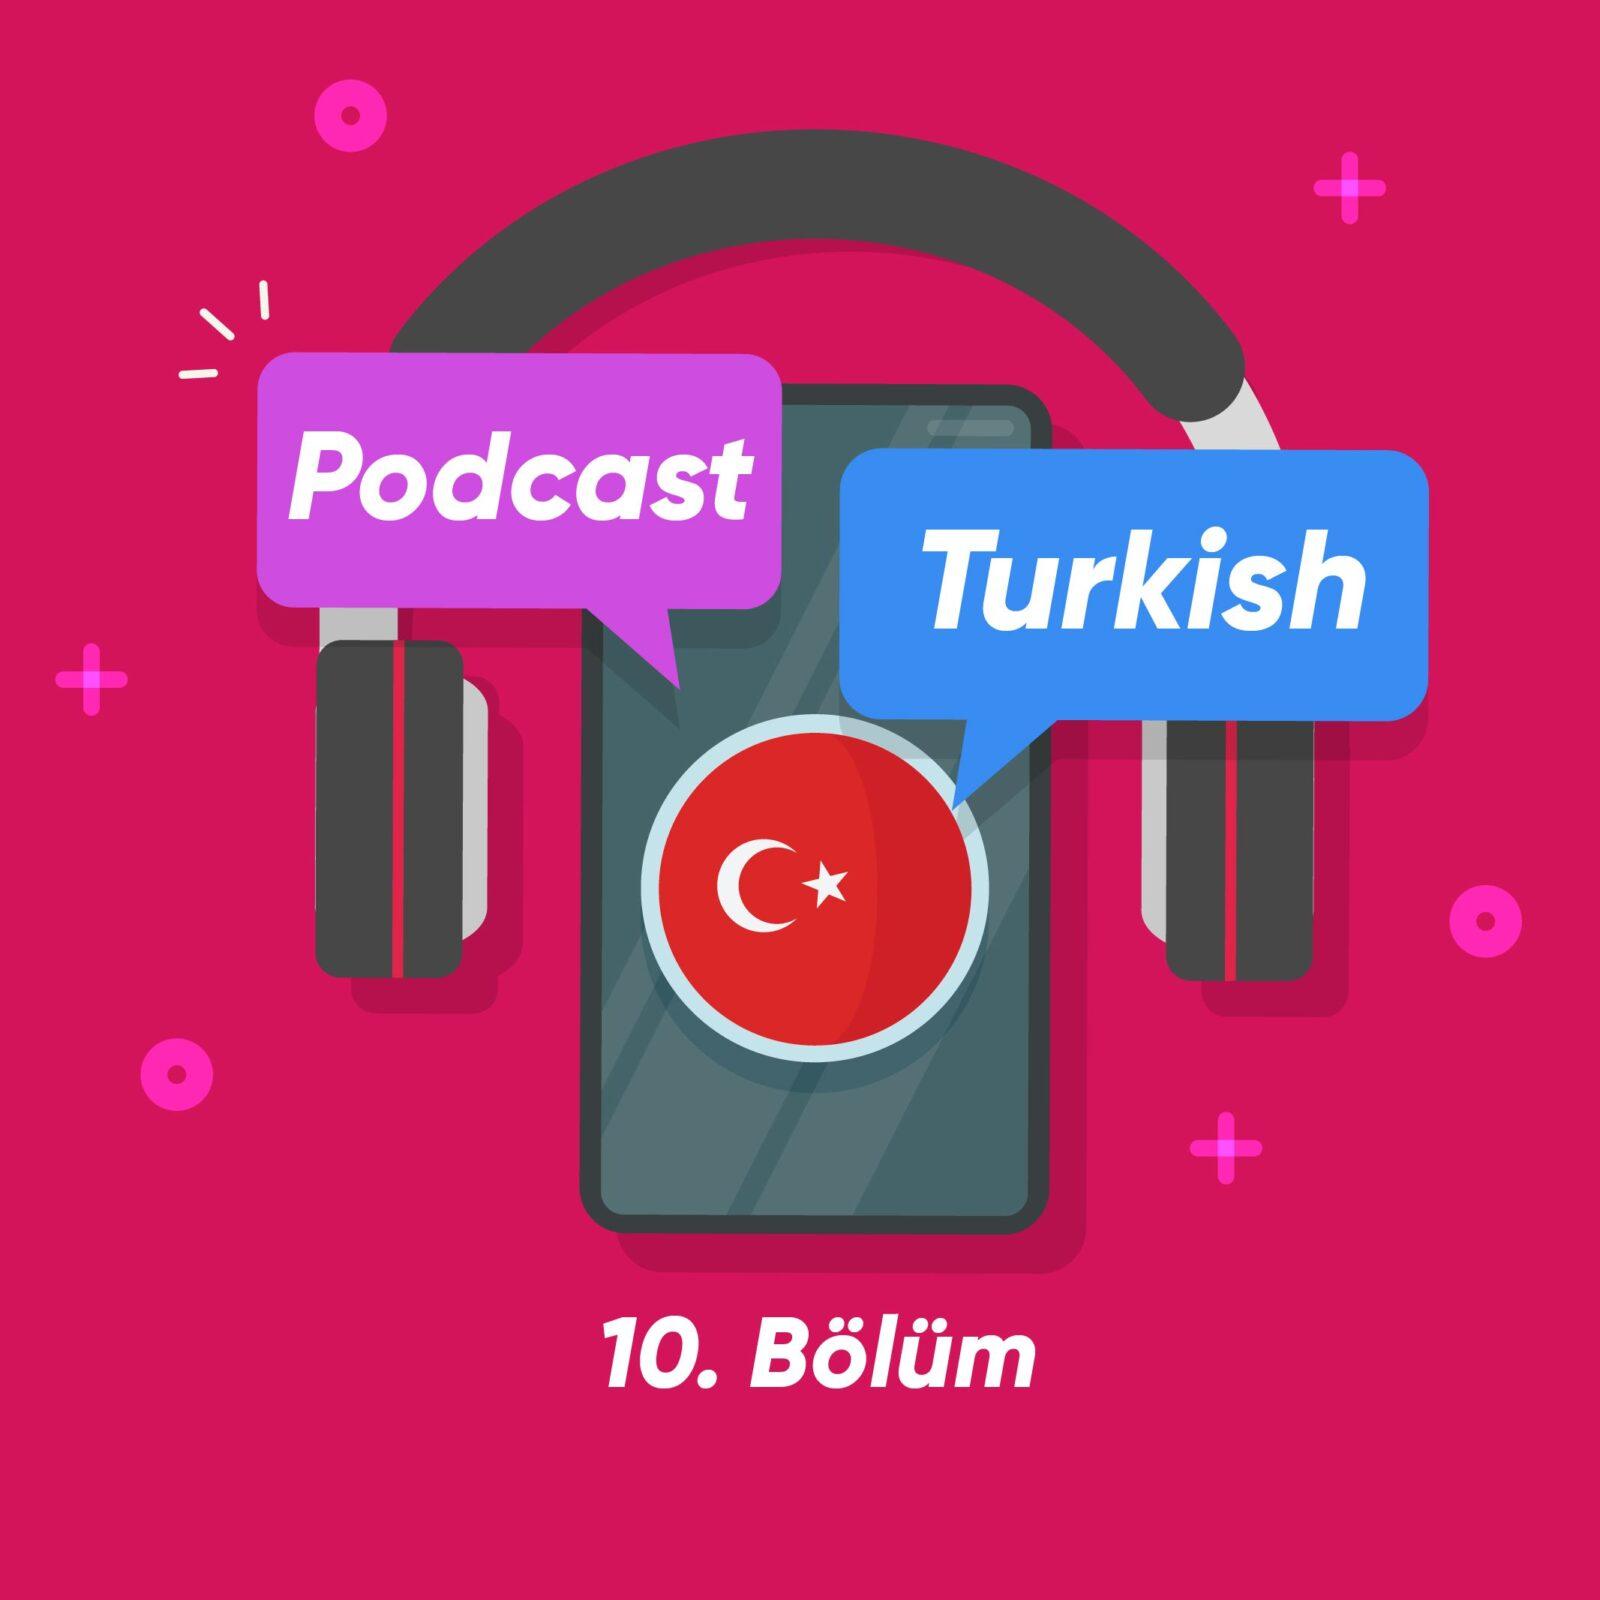 پادکست ترکی استانبولی شماره 10